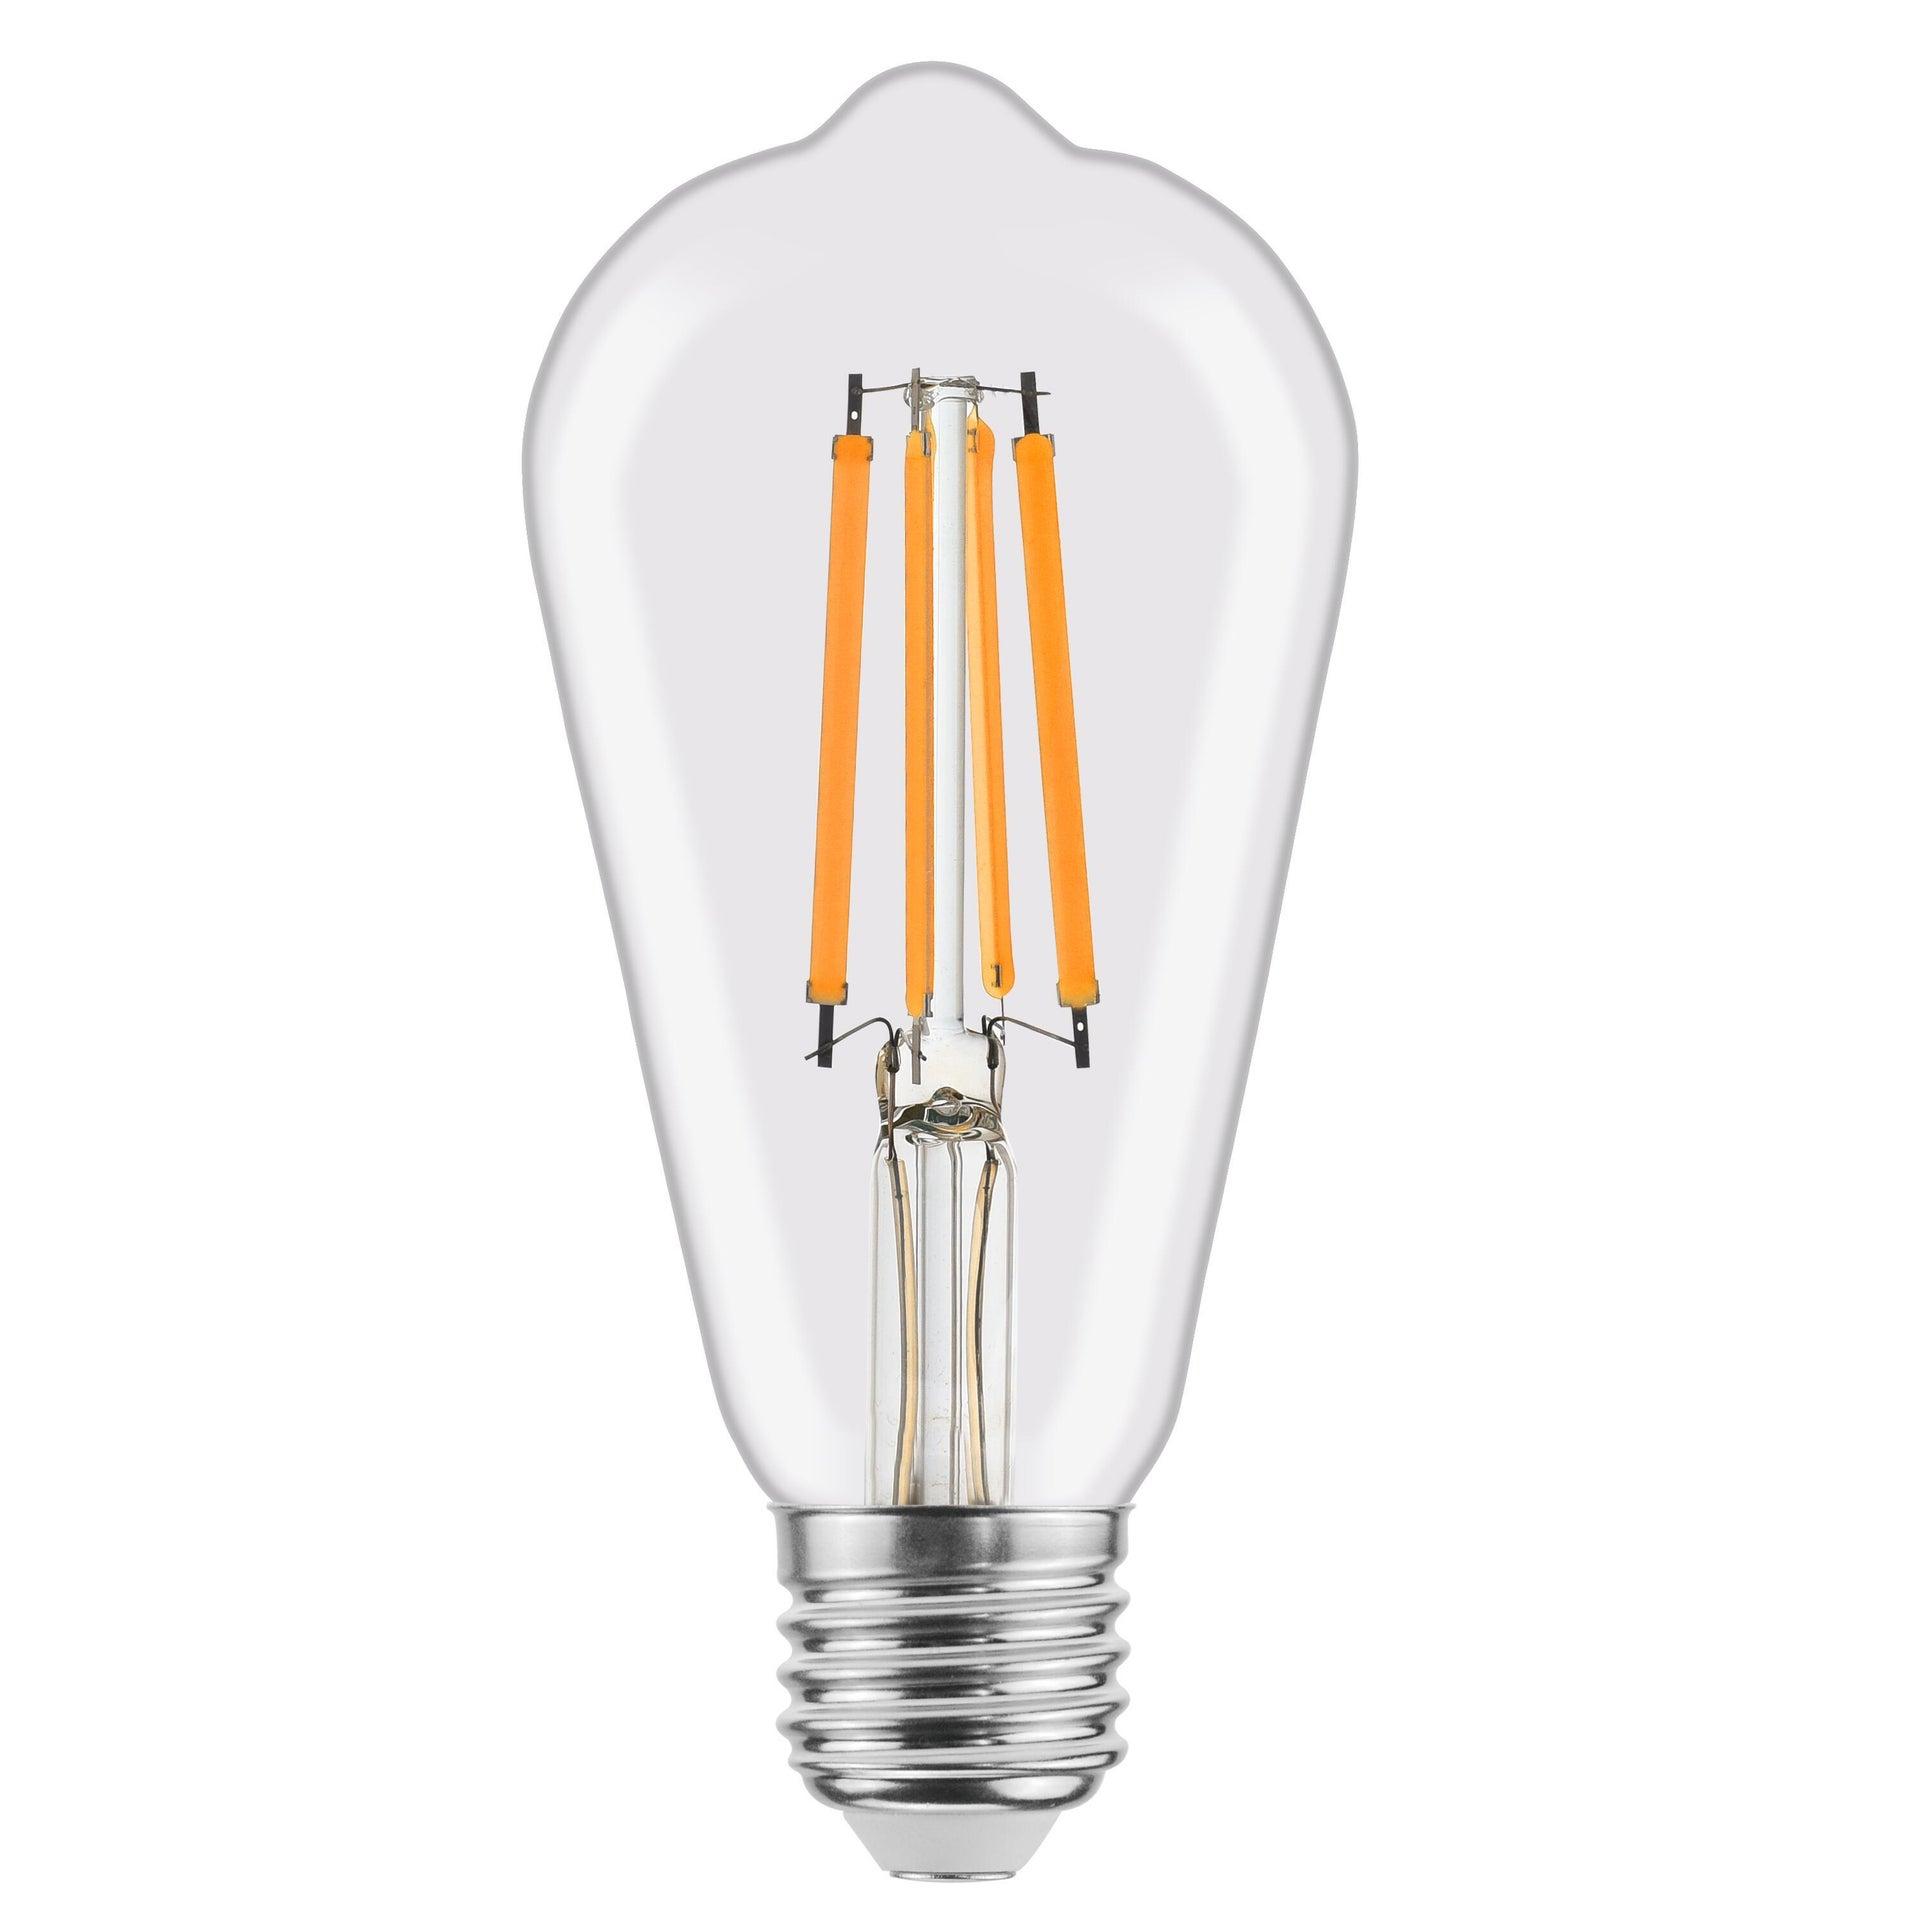 Lampadina LED filamento, E27, Goccia, Trasparente, Luce naturale, 8W=1055LM (equiv 75 W), 360° , LEXMAN - 1